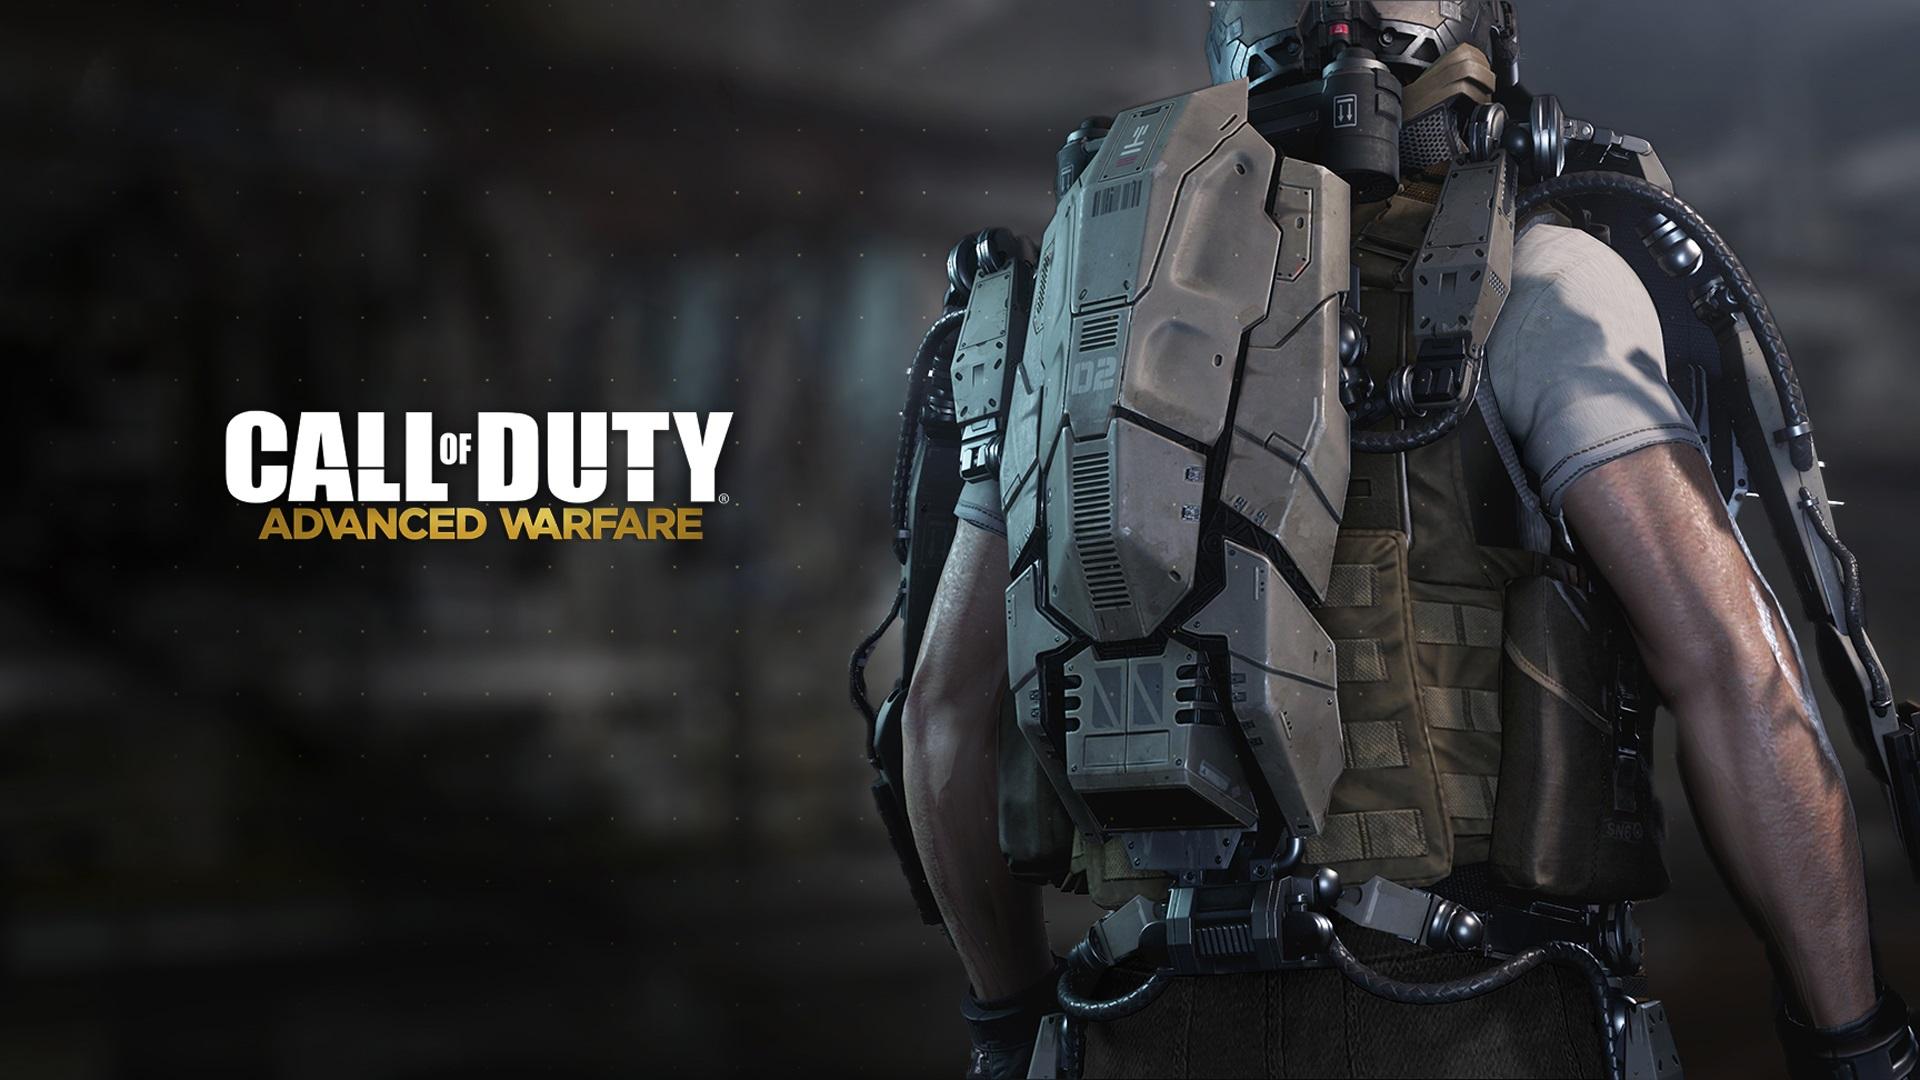 Advanced Warfare Wallpaper   Call of Duty Advanced Warfare 1920x1080